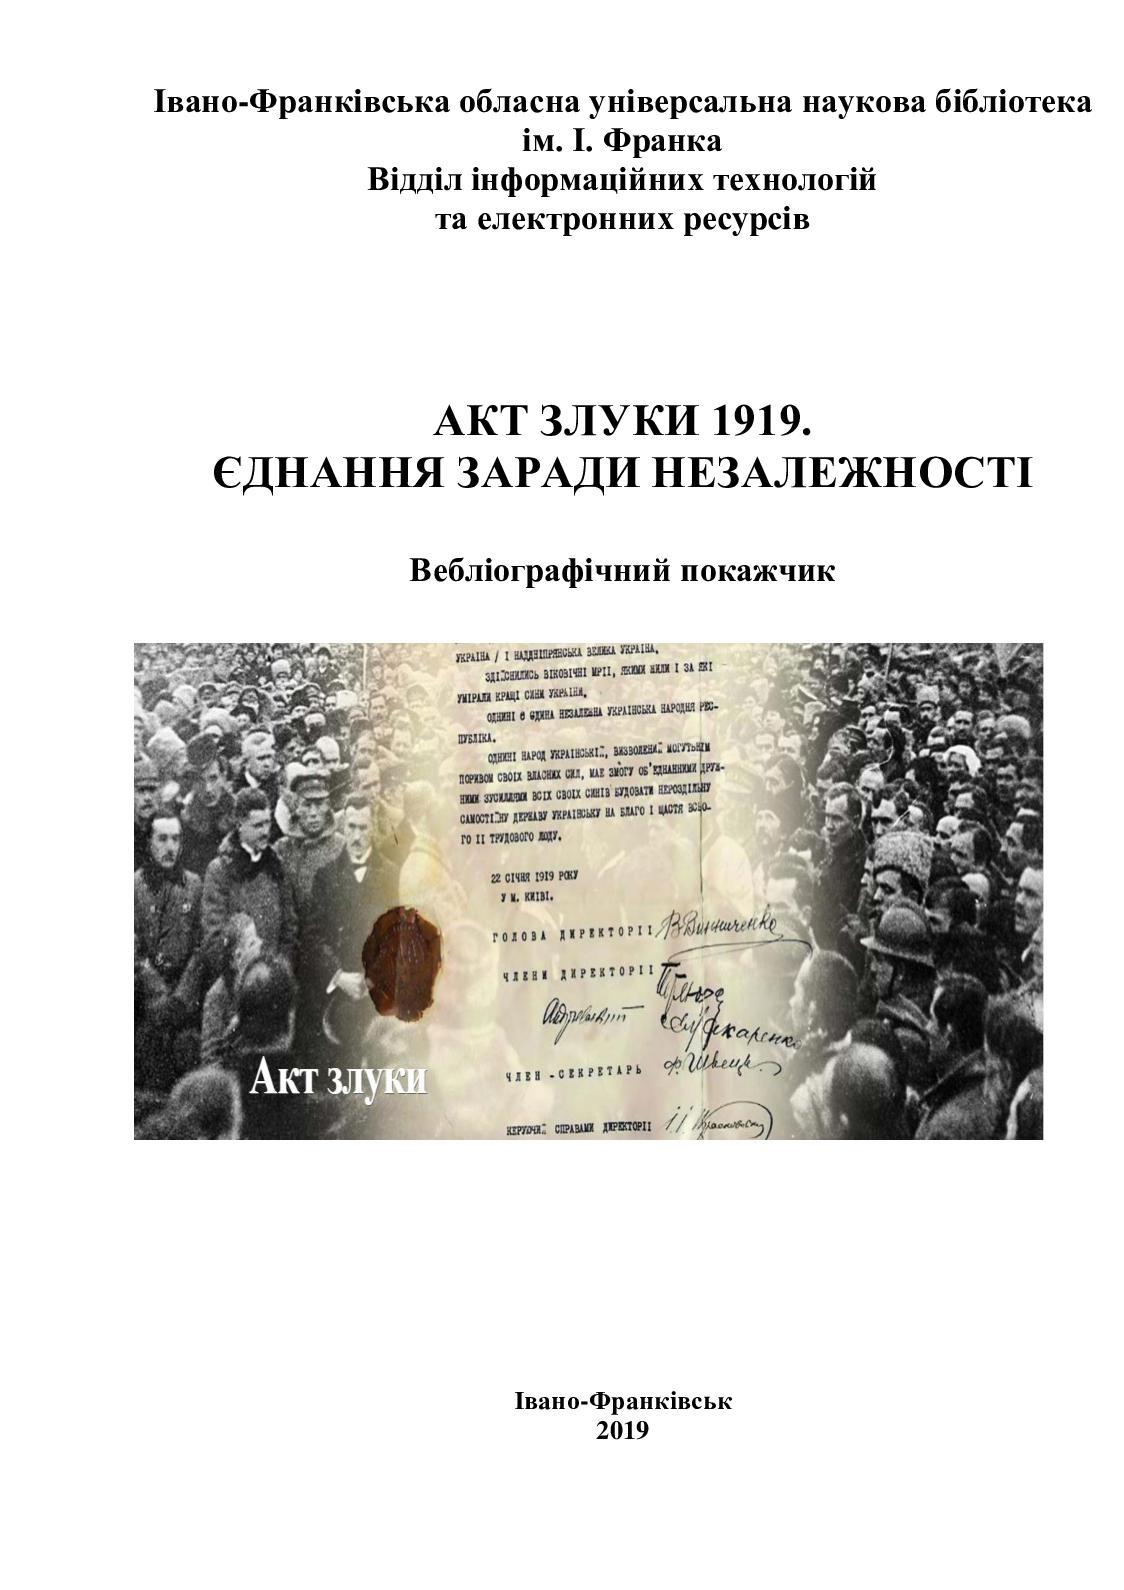 Акт Злуки 1919. Єднання заради Незалежності